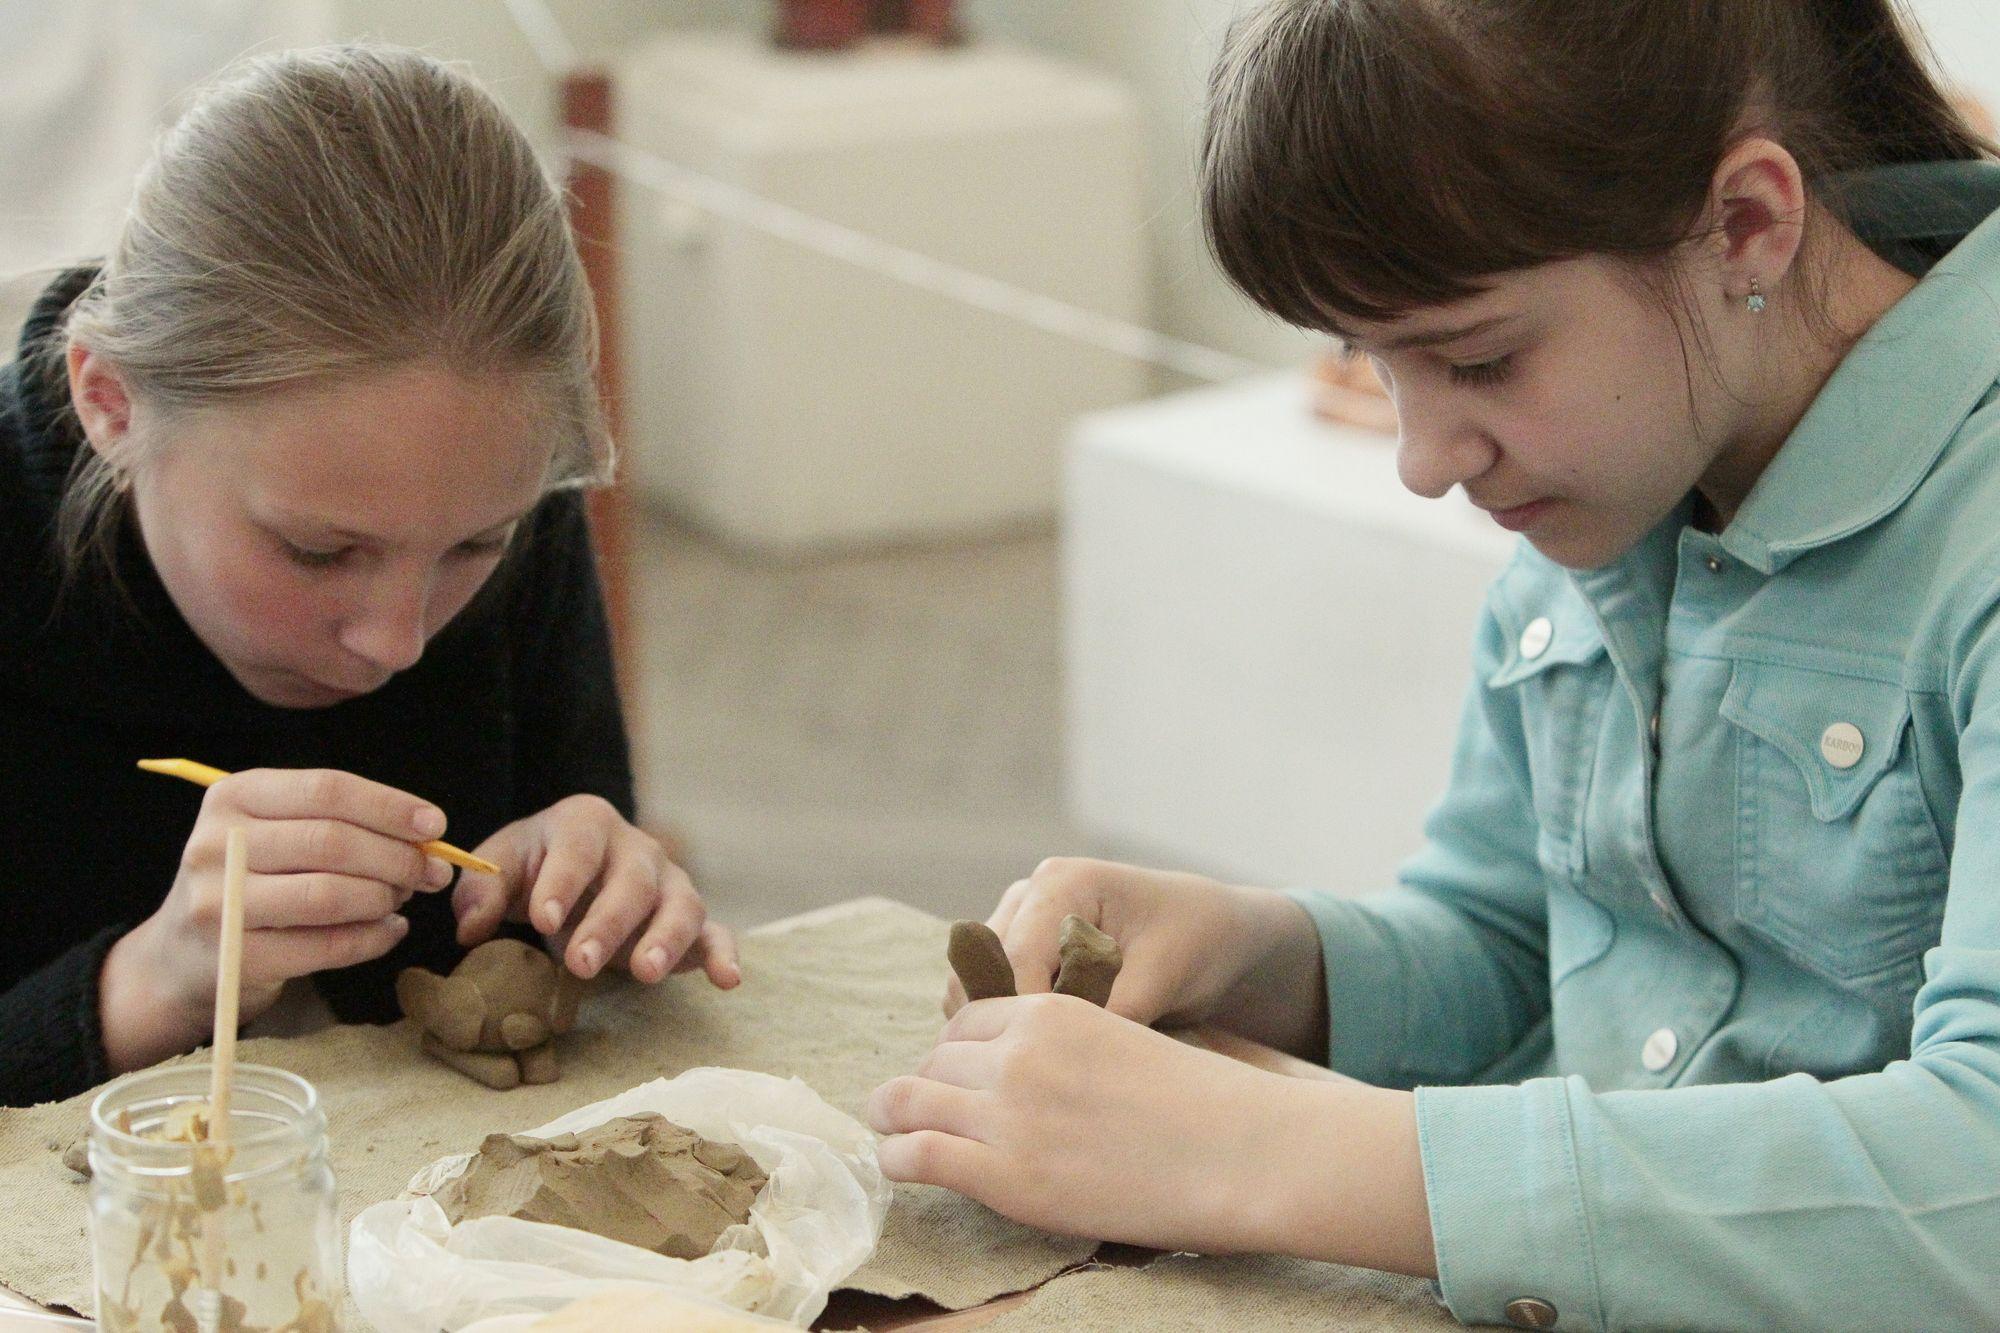 Літо з користю: в художньому музеї школярі навчаються гончарства (Фото)